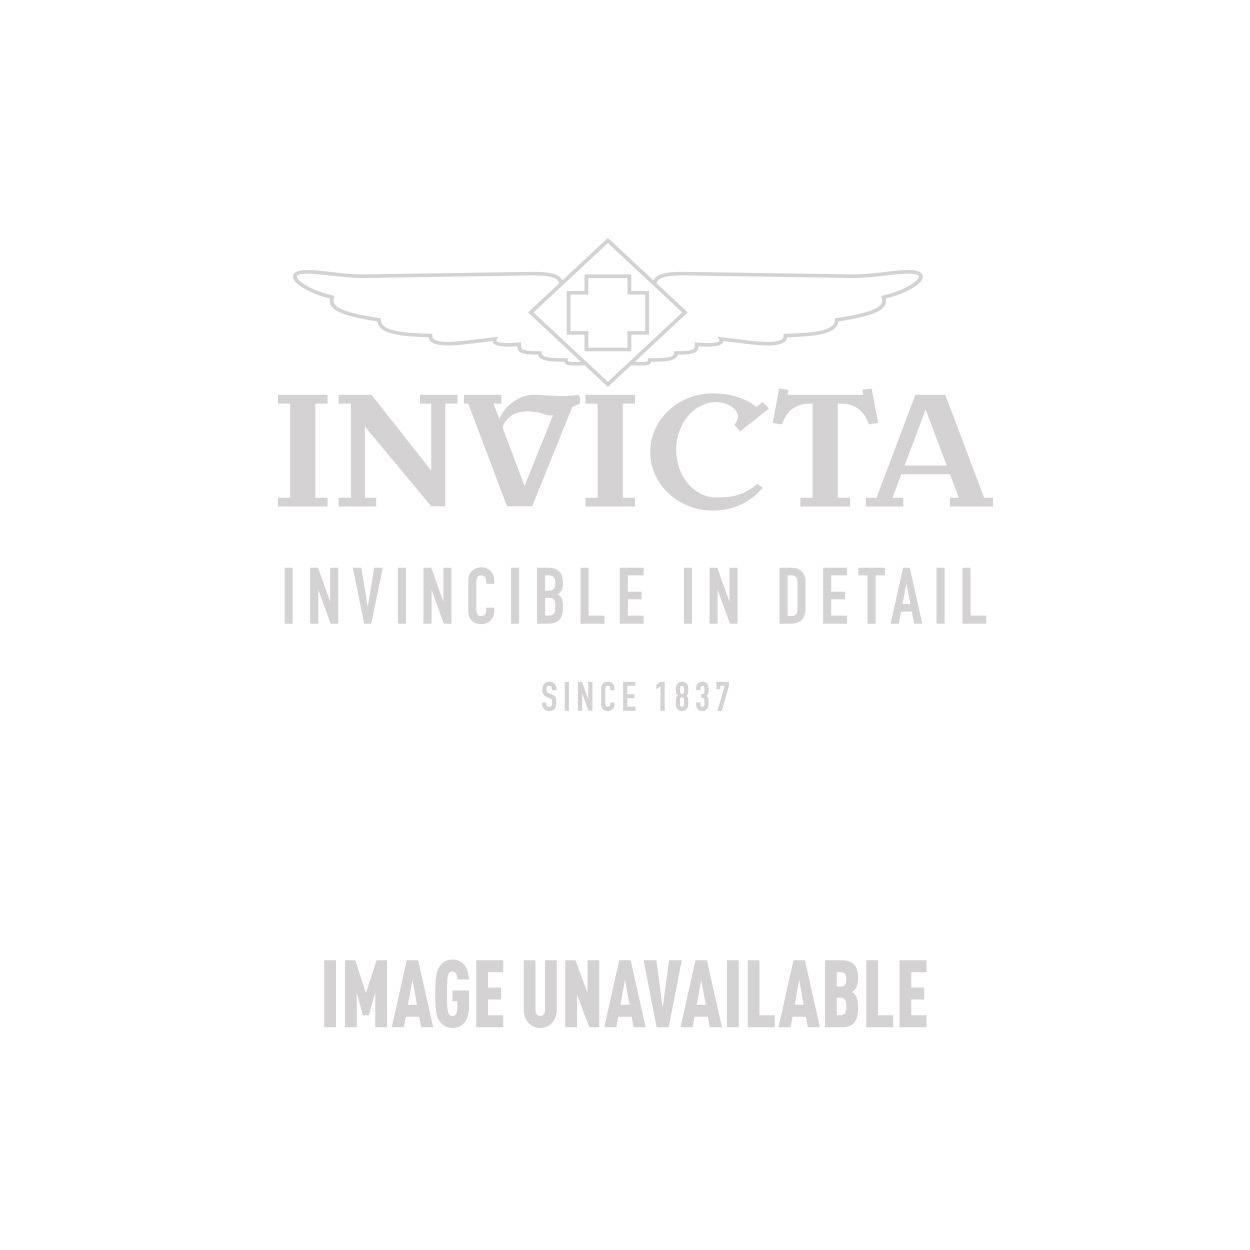 Invicta Model 24648